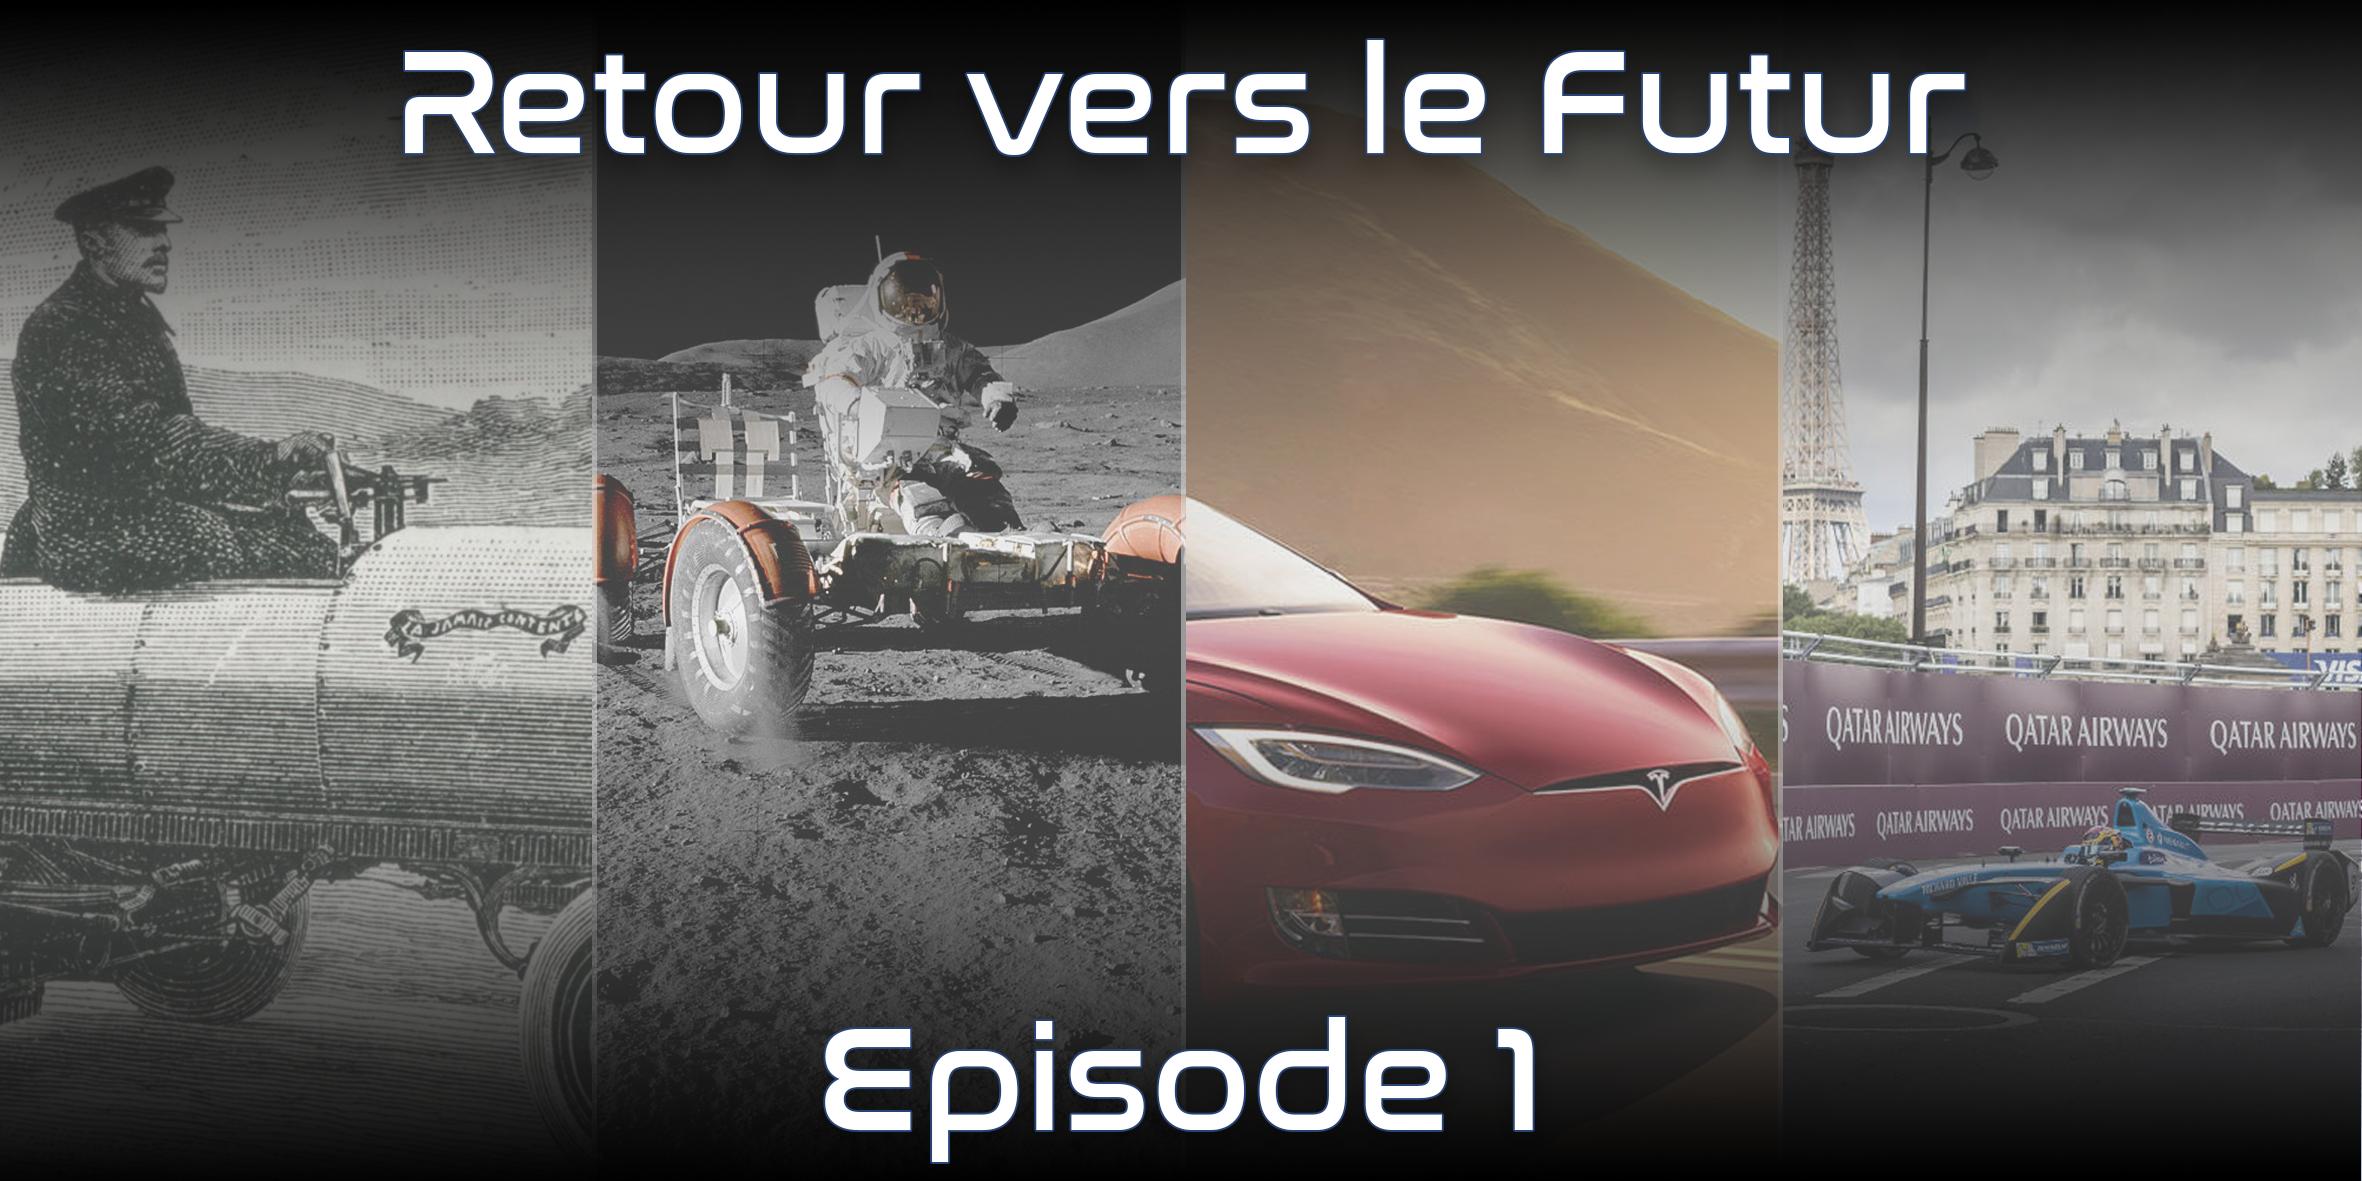 Retour vers le Futur Episode 1